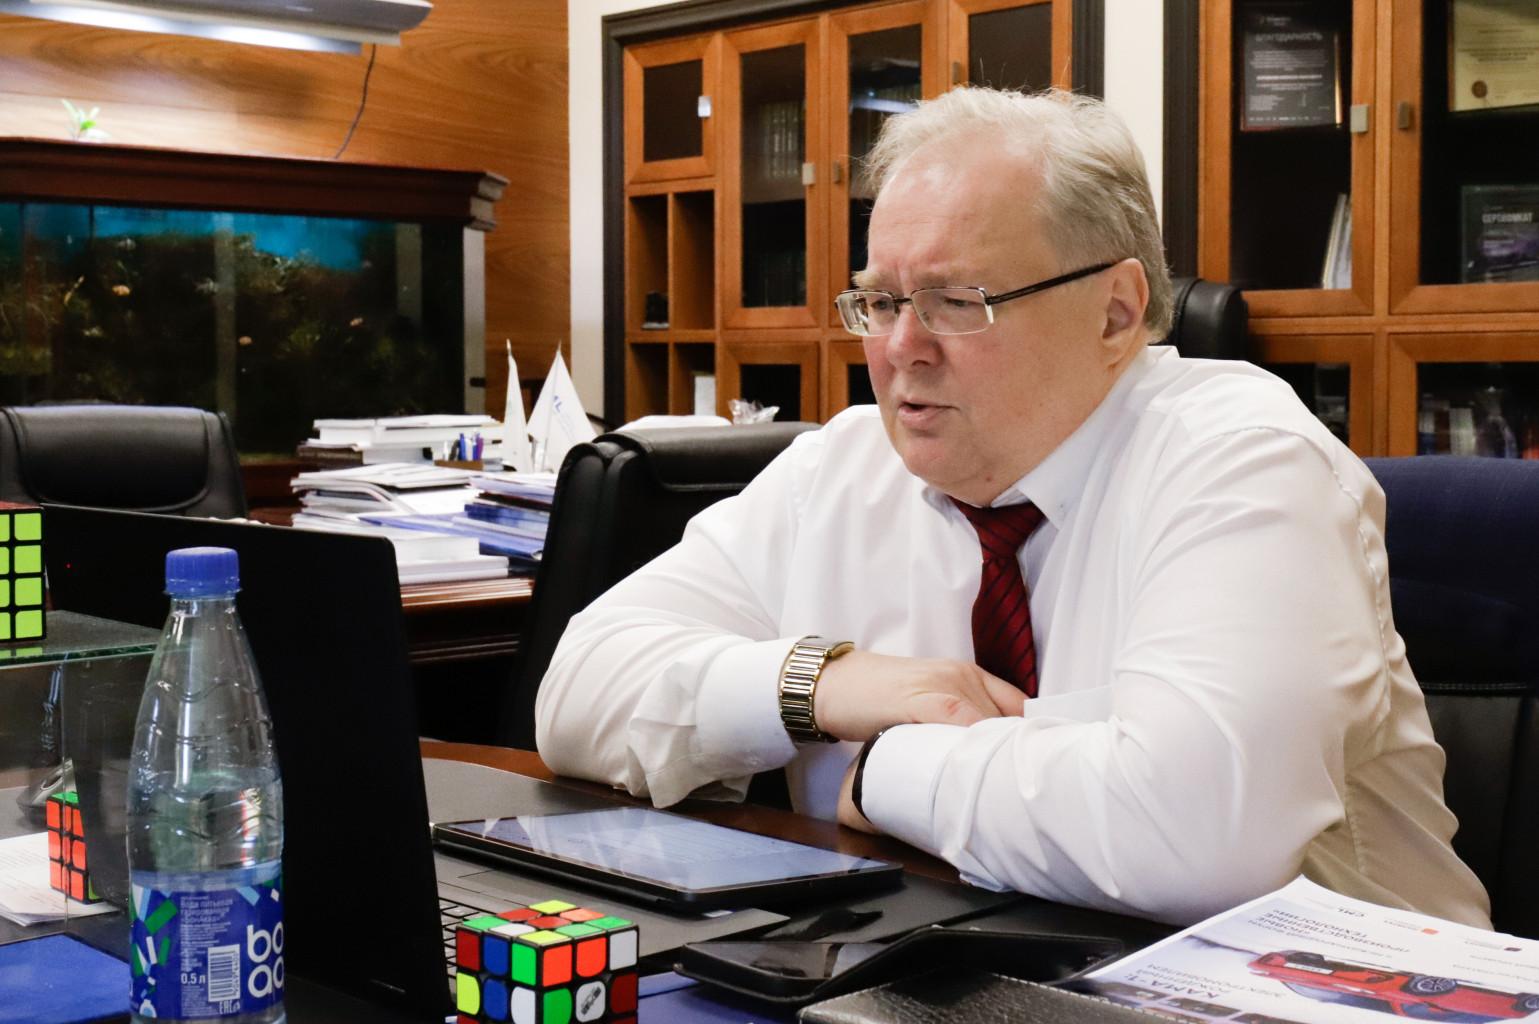 Алексей Боровков выступил с двухчасовой лекцией в рамках акселерационной программы «МСП: акселератор инноваций» для техногазелей и национальных чемпионов